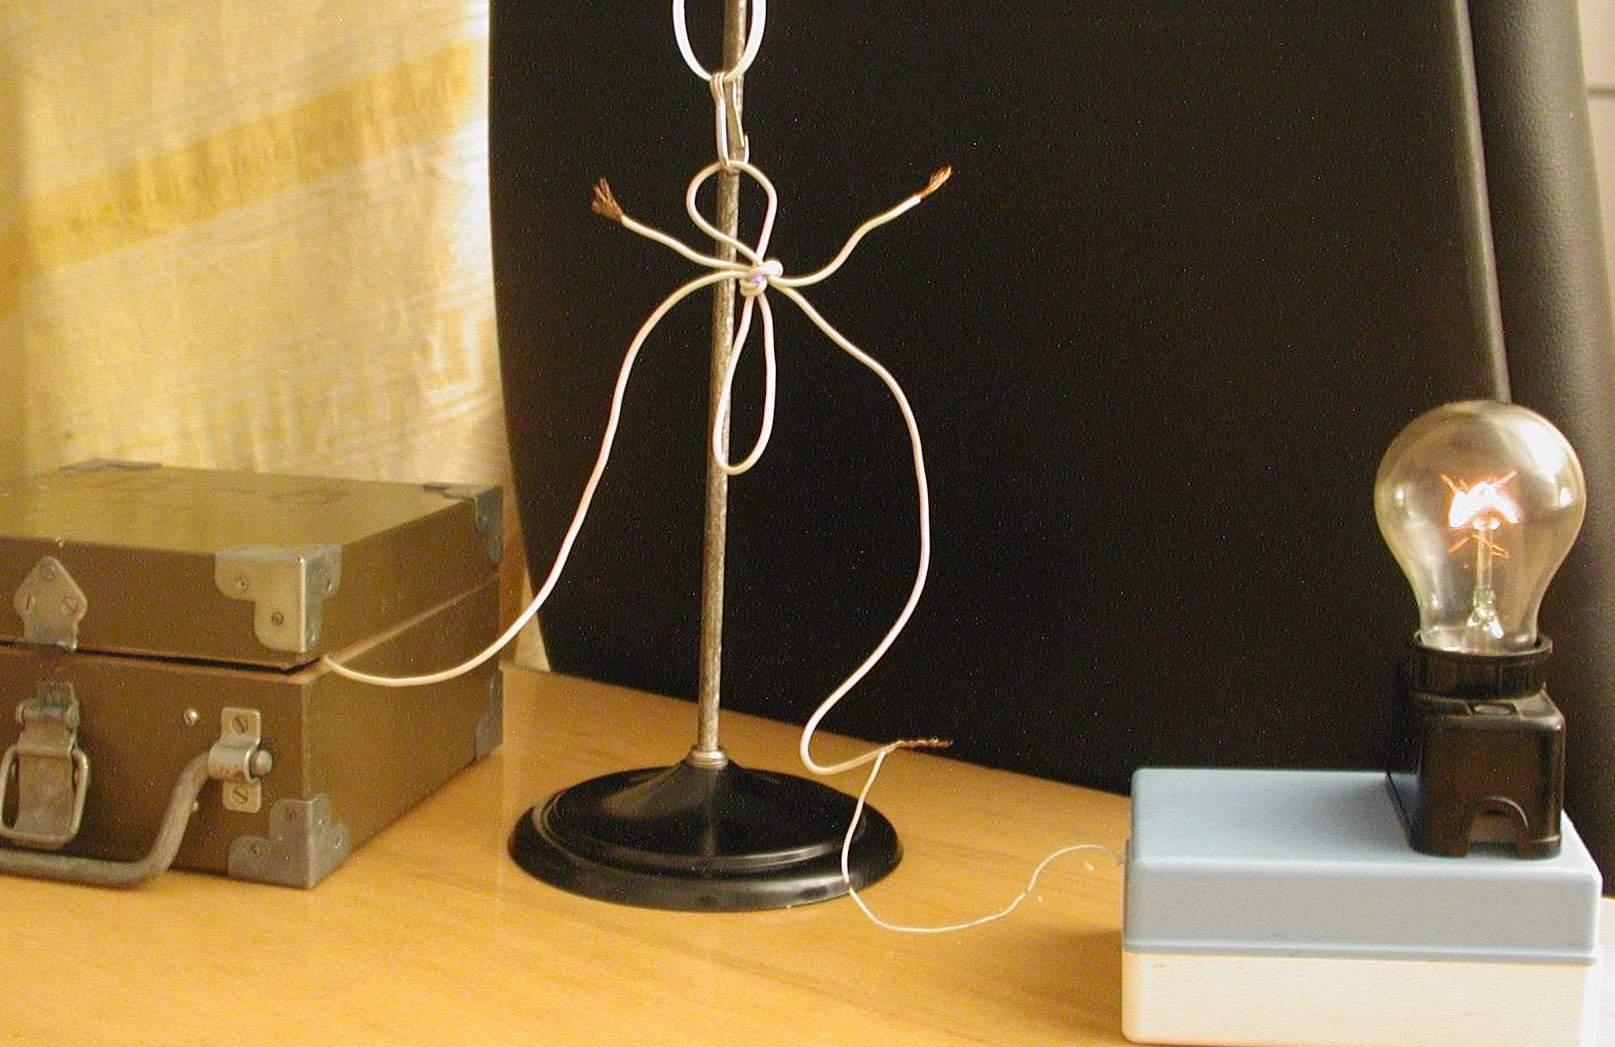 магазин детских светильников. схема светильника. ассортимент люстр. люстры для кухни.